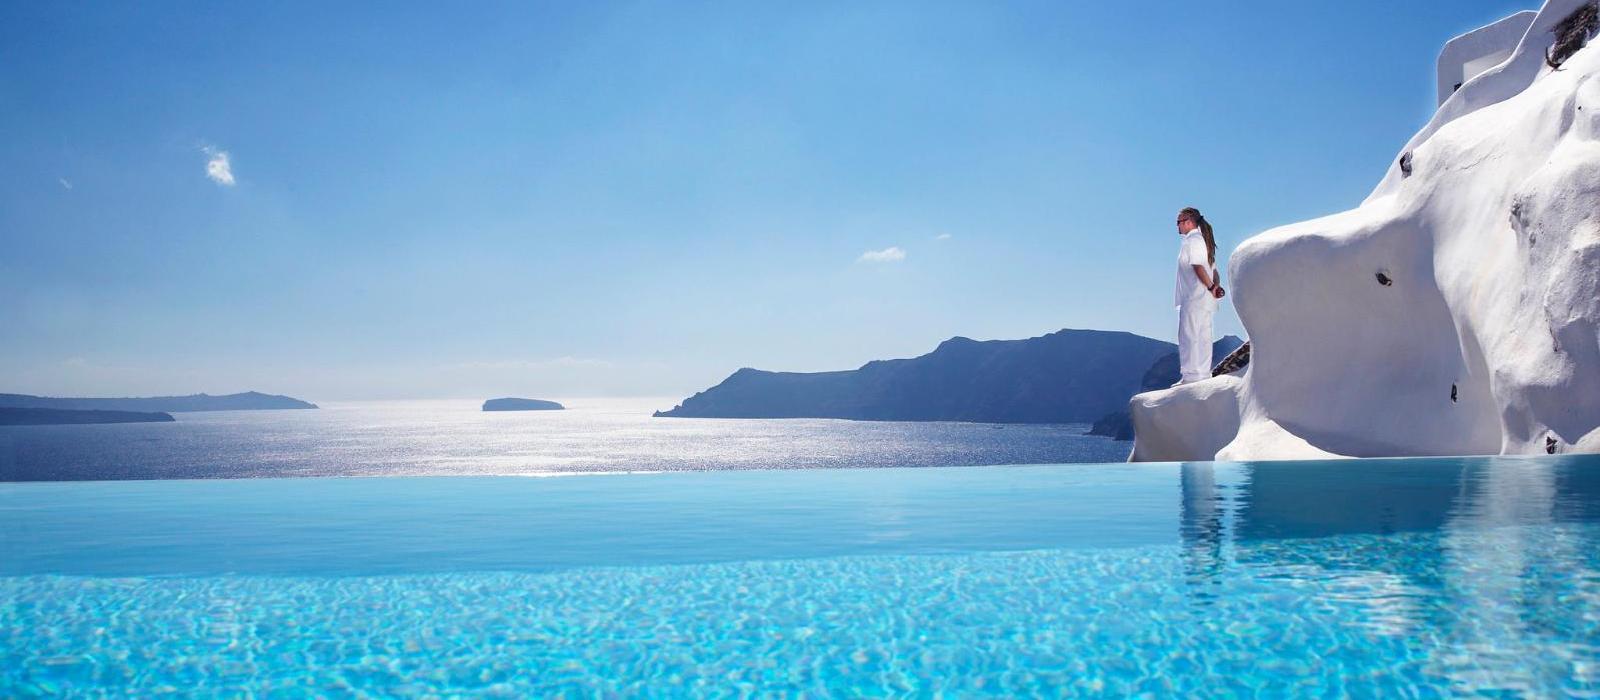 圣托里尼嘉邸祺度假酒店(Katikies Santorini) 远眺图片  www.lhw.cn